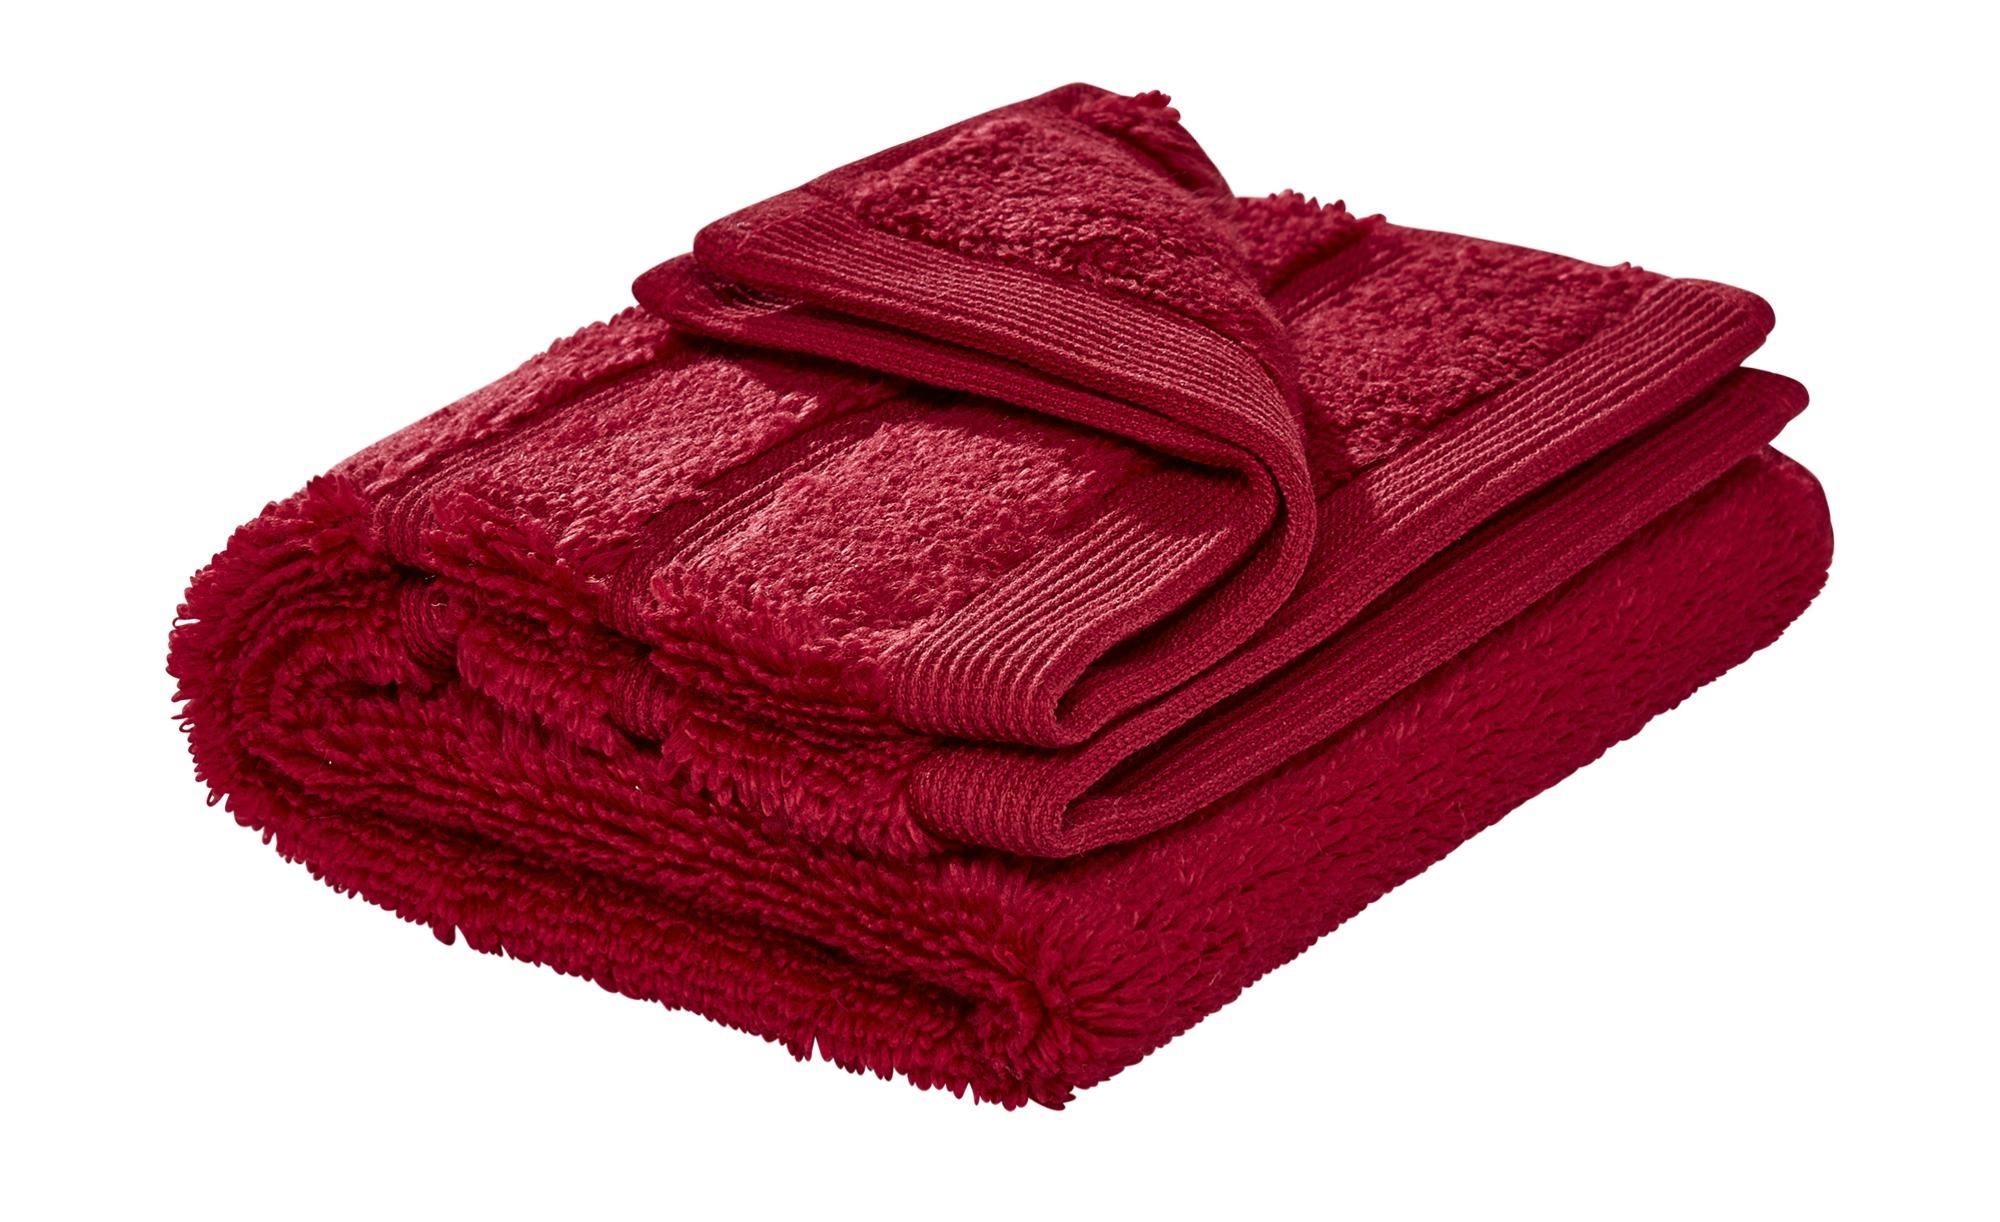 HOME STORY Gästetuch  Das neue Kuschel Wuschel - rot - 100% reine Baumwolle - 30 cm - Heimtextilien > Badtextilien und Zubehör > Handtücher - Möbel Kraft | Bad > Handtücher | HOME STORY